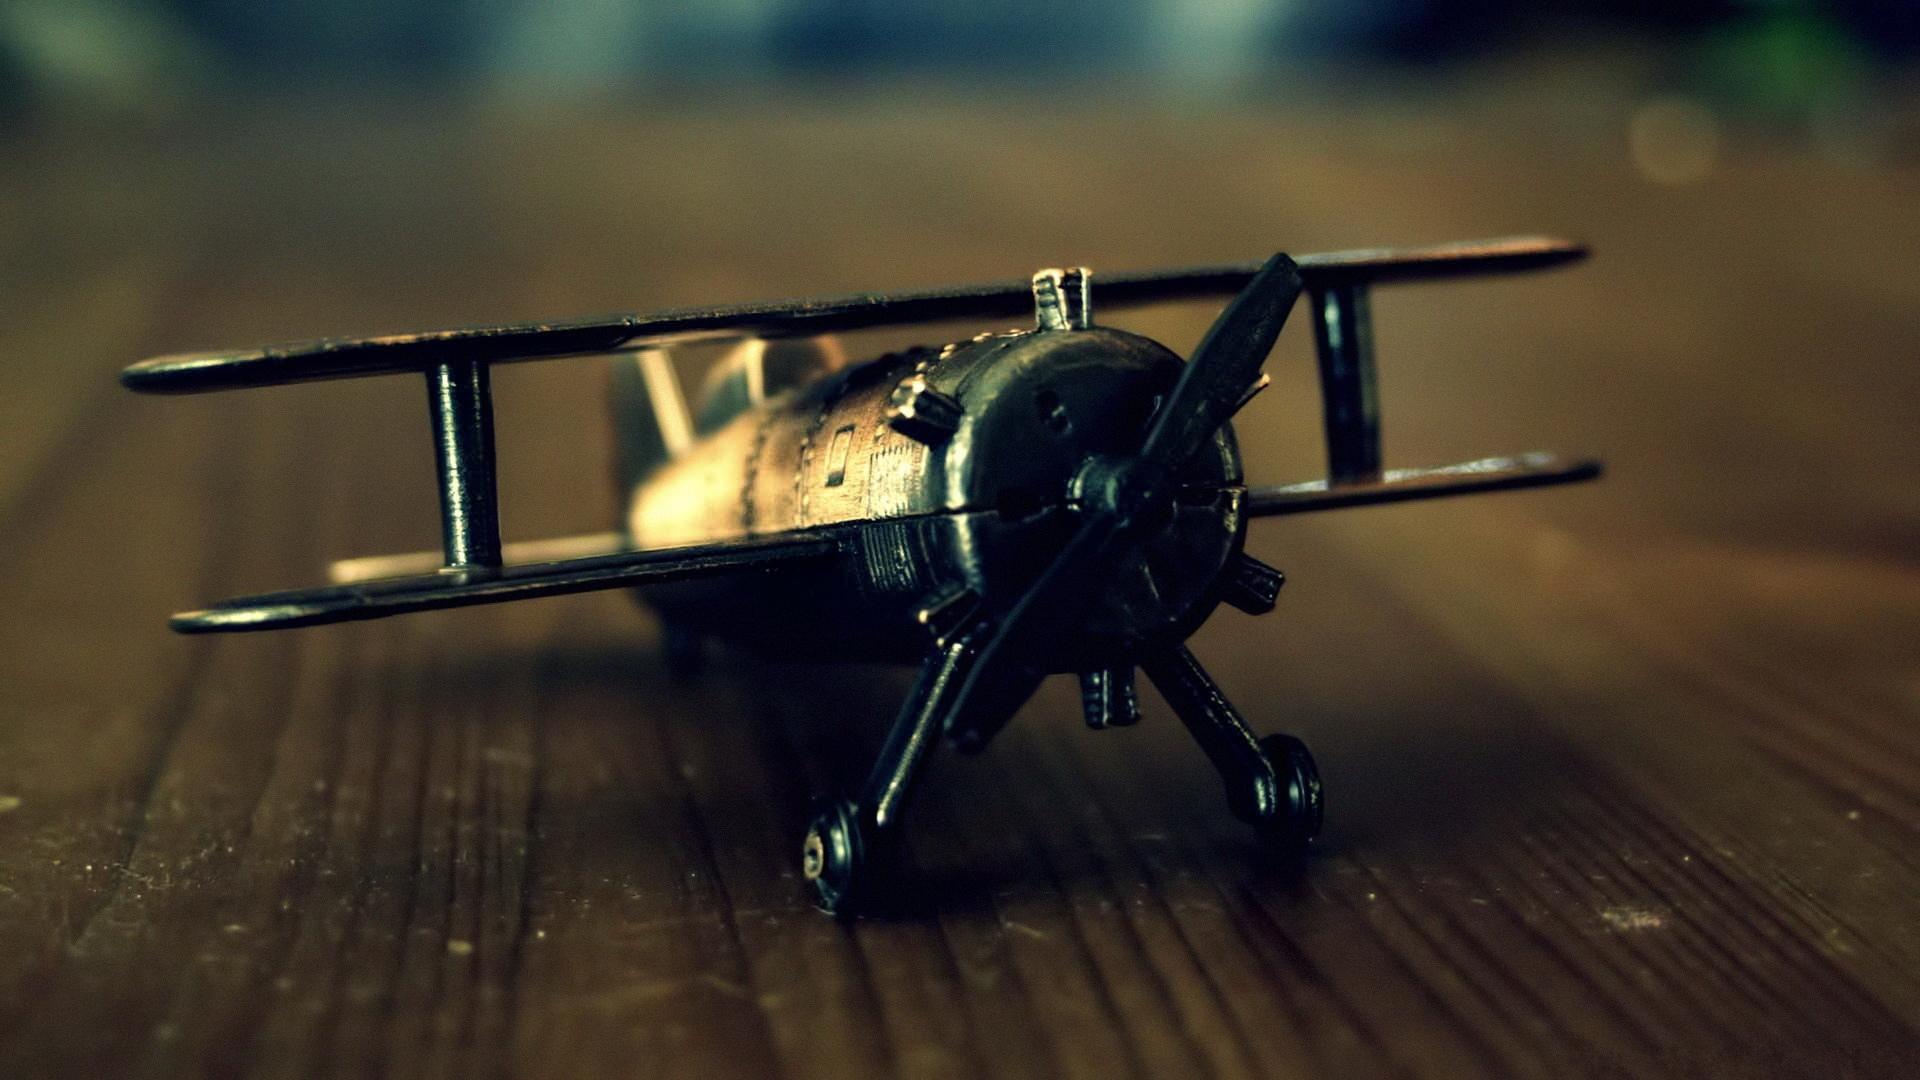 Toy Plane Wallpaper